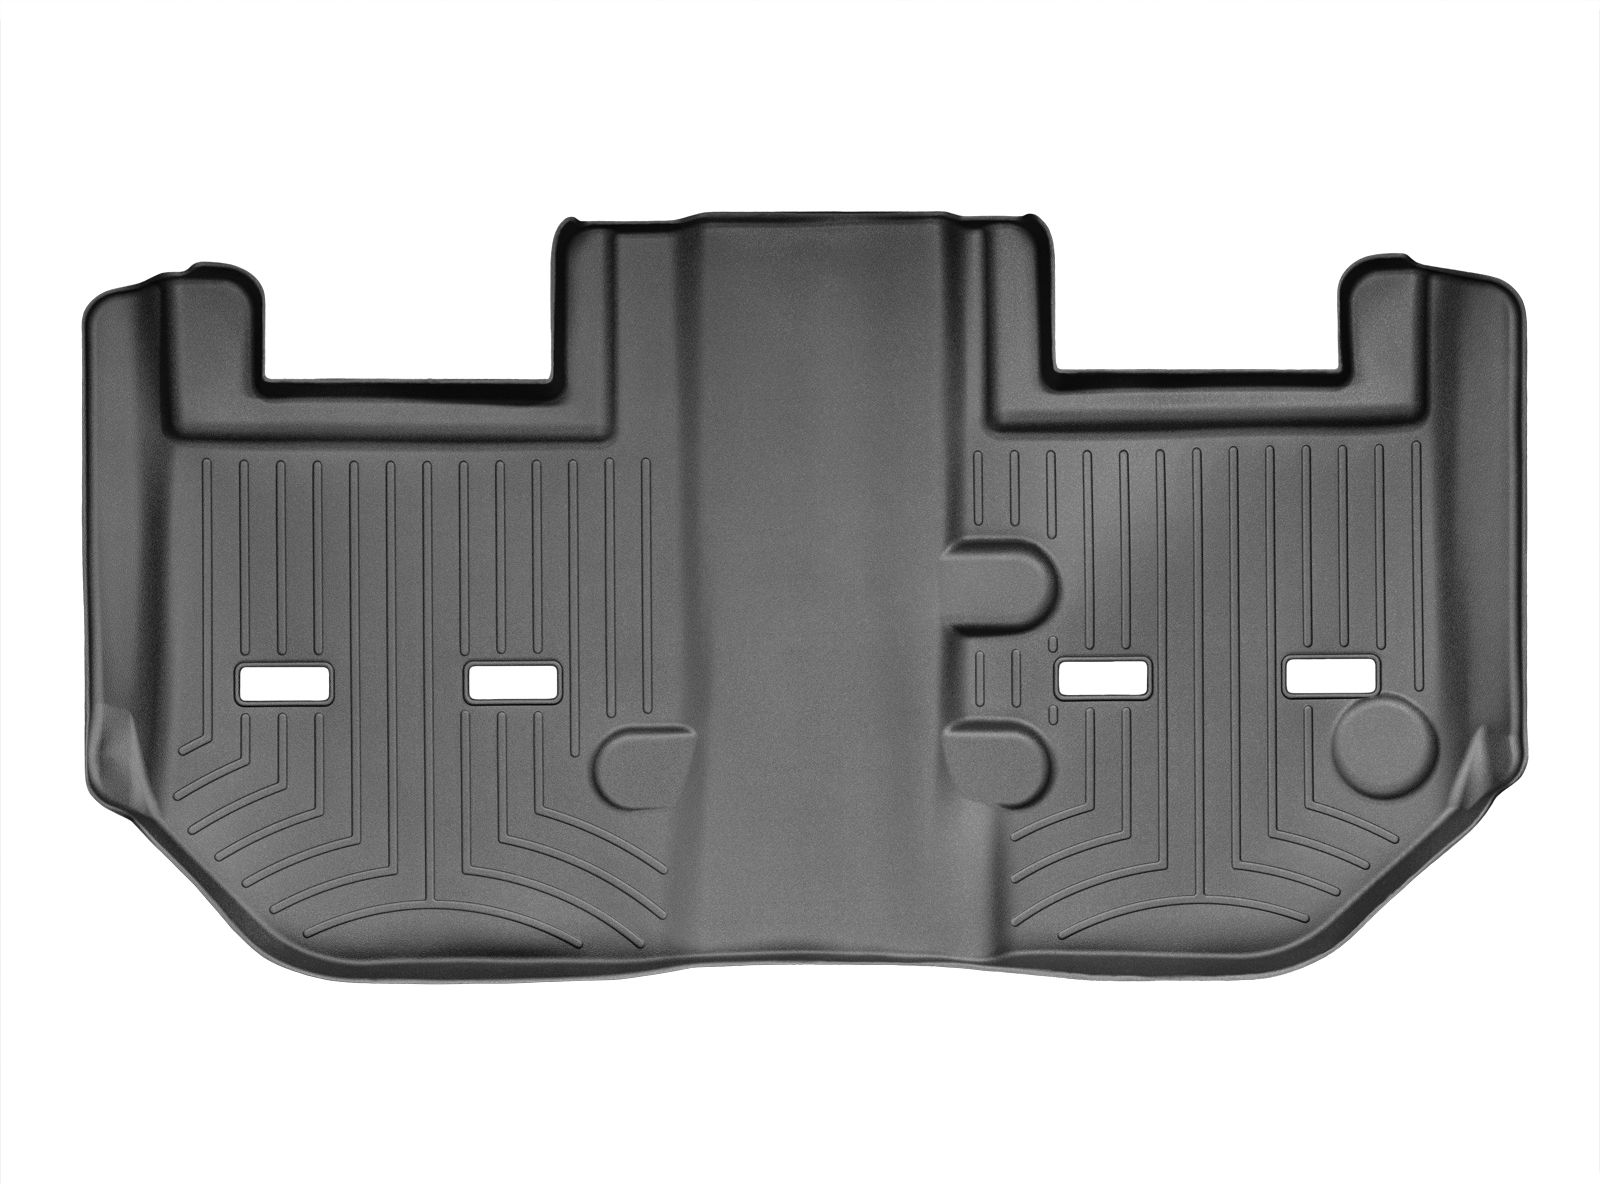 Tappeti gomma su misura bordo alto Cadillac Escalade ESV 11>14 Nero A67*